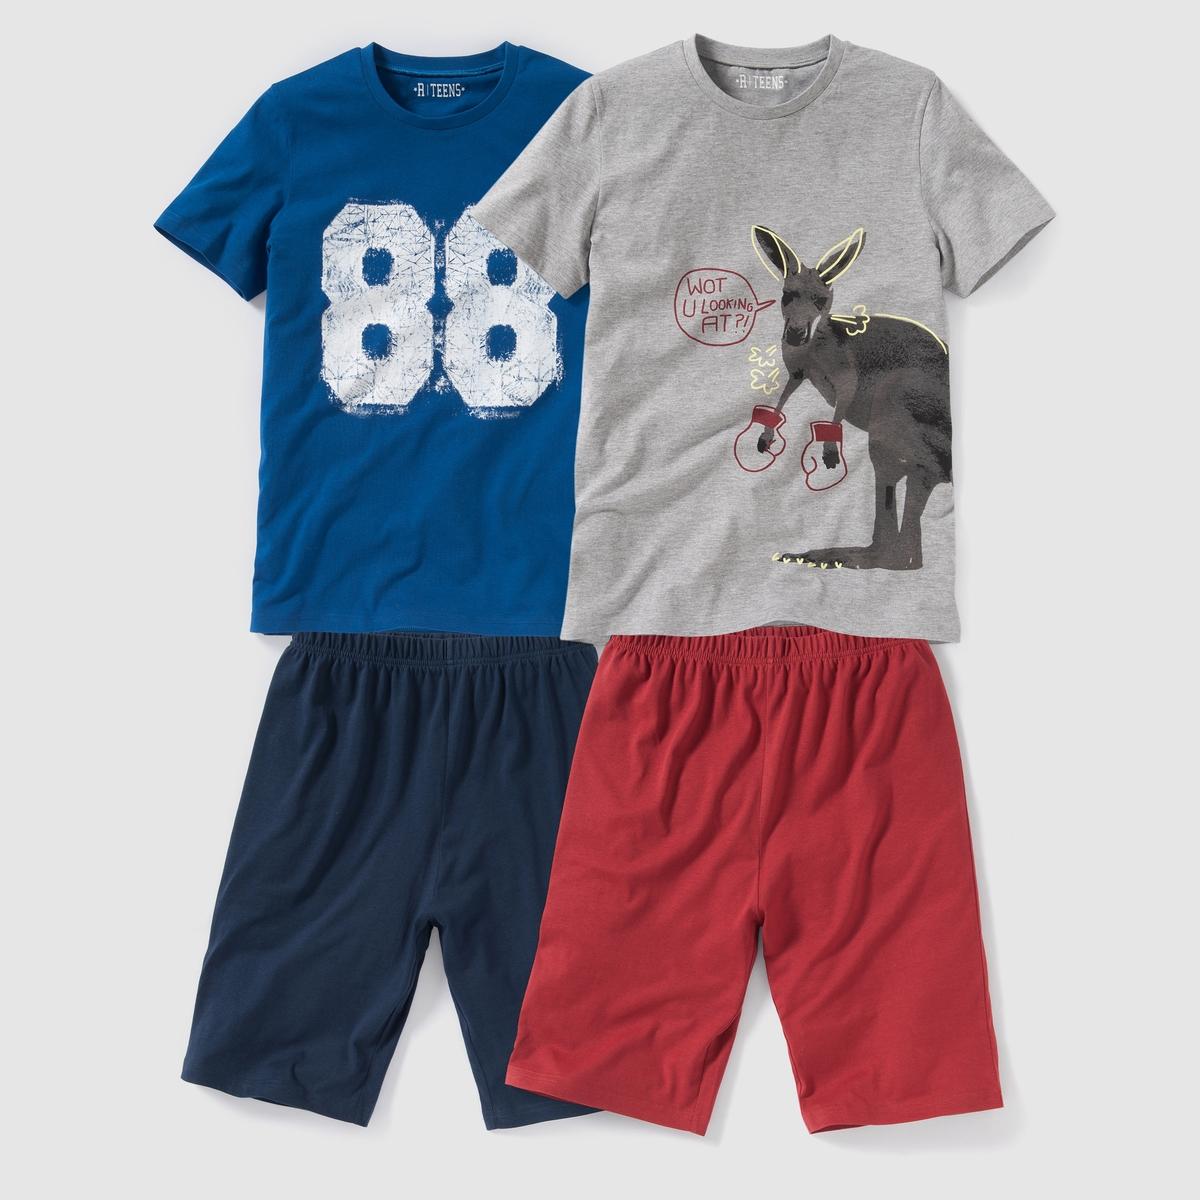 Пижама с шортами из джерси с рисунком,  10-16 лет (2 шт.)Пижама: футболка и шорты. Комплект из 2  топов  . Футболки с короткими рукавами и разными рисунками. Шорты с эластичным поясом.Знак Oeko-Tex*. Состав и описание : Материал: трикотаж джерси, 100% хлопка (кроме модели серый меланж : преимущественно из хлопкаМарка: R ?dition.  Уход :Машинная стирка при 30 °C с вещами схожих цветов.Стирать и гладить с изнаночной стороны.Машинная сушка на умеренном режиме.Гладить на низкой температуре.    *Международный знак Oeko-Tex гарантирует отсутствие вредных или раздражающих кожу веществ<br><br>Цвет: серый меланж + синий